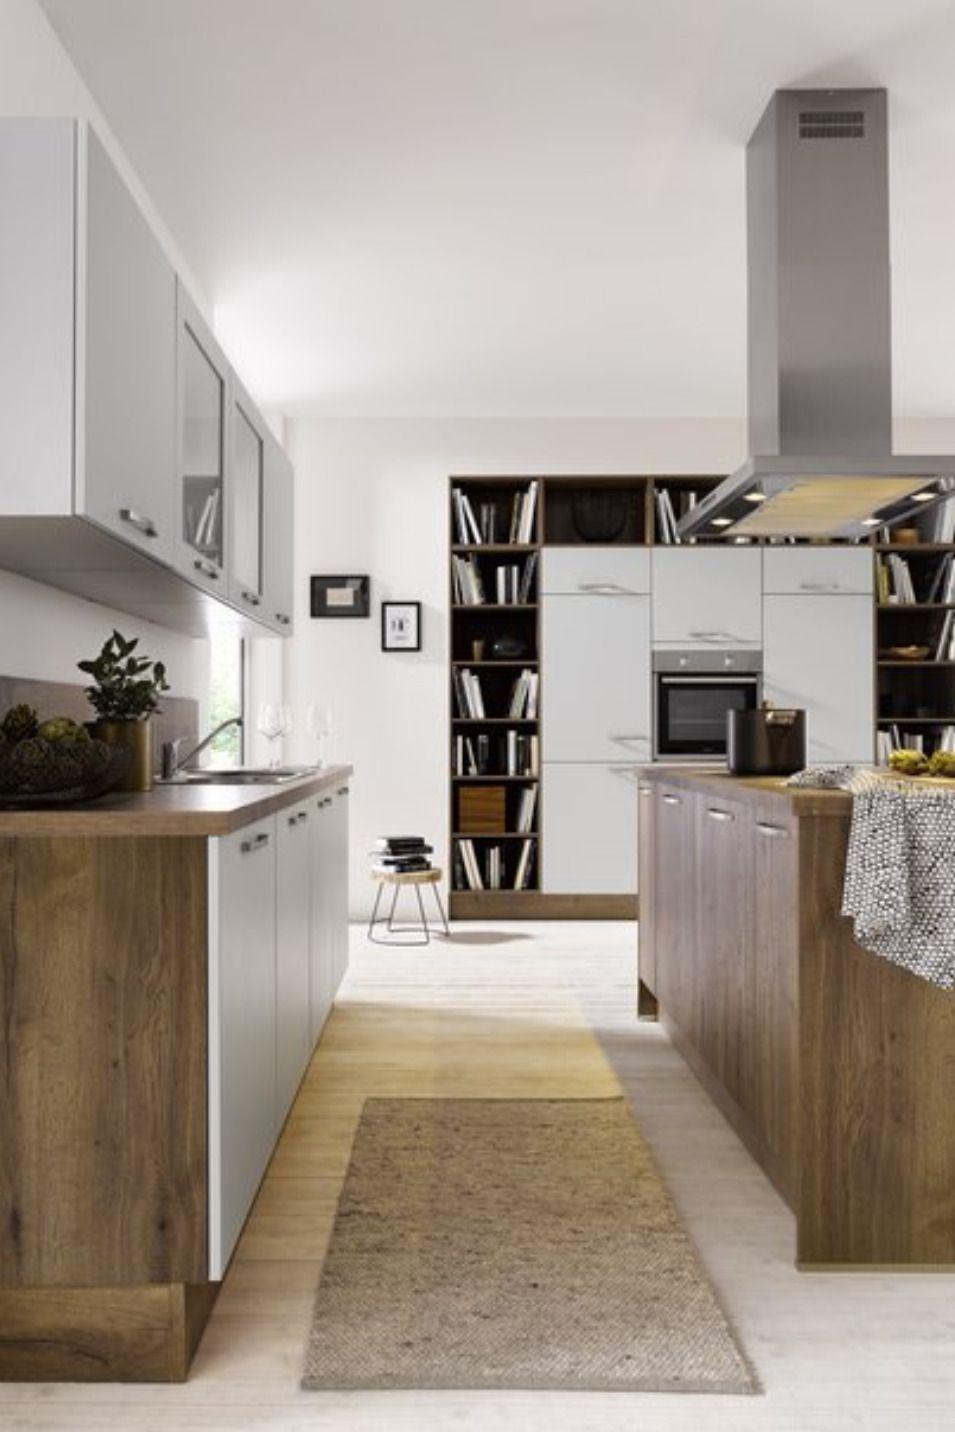 Ihr Kuchenspezialist In 89264 Weissenhorn Die Wirth Homecompany